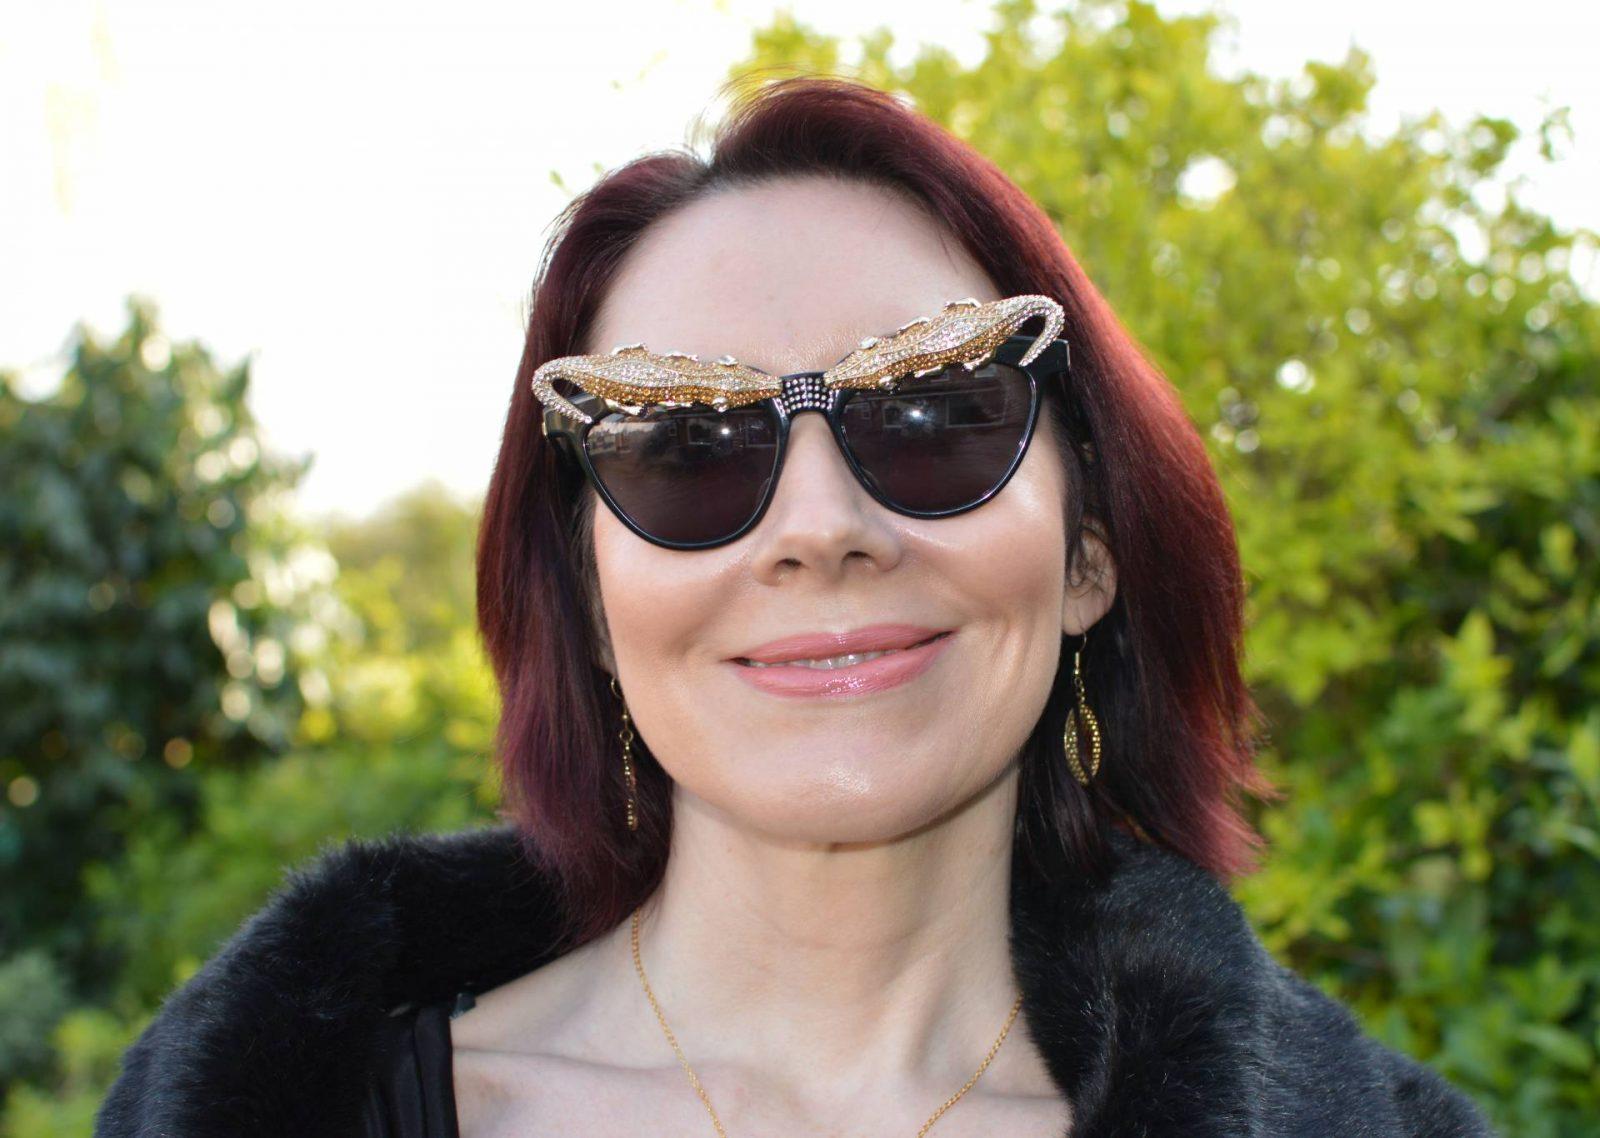 Match Made in Seven: Accessories Make the Look, Anna Dello Russo H&M lizard sunglasses